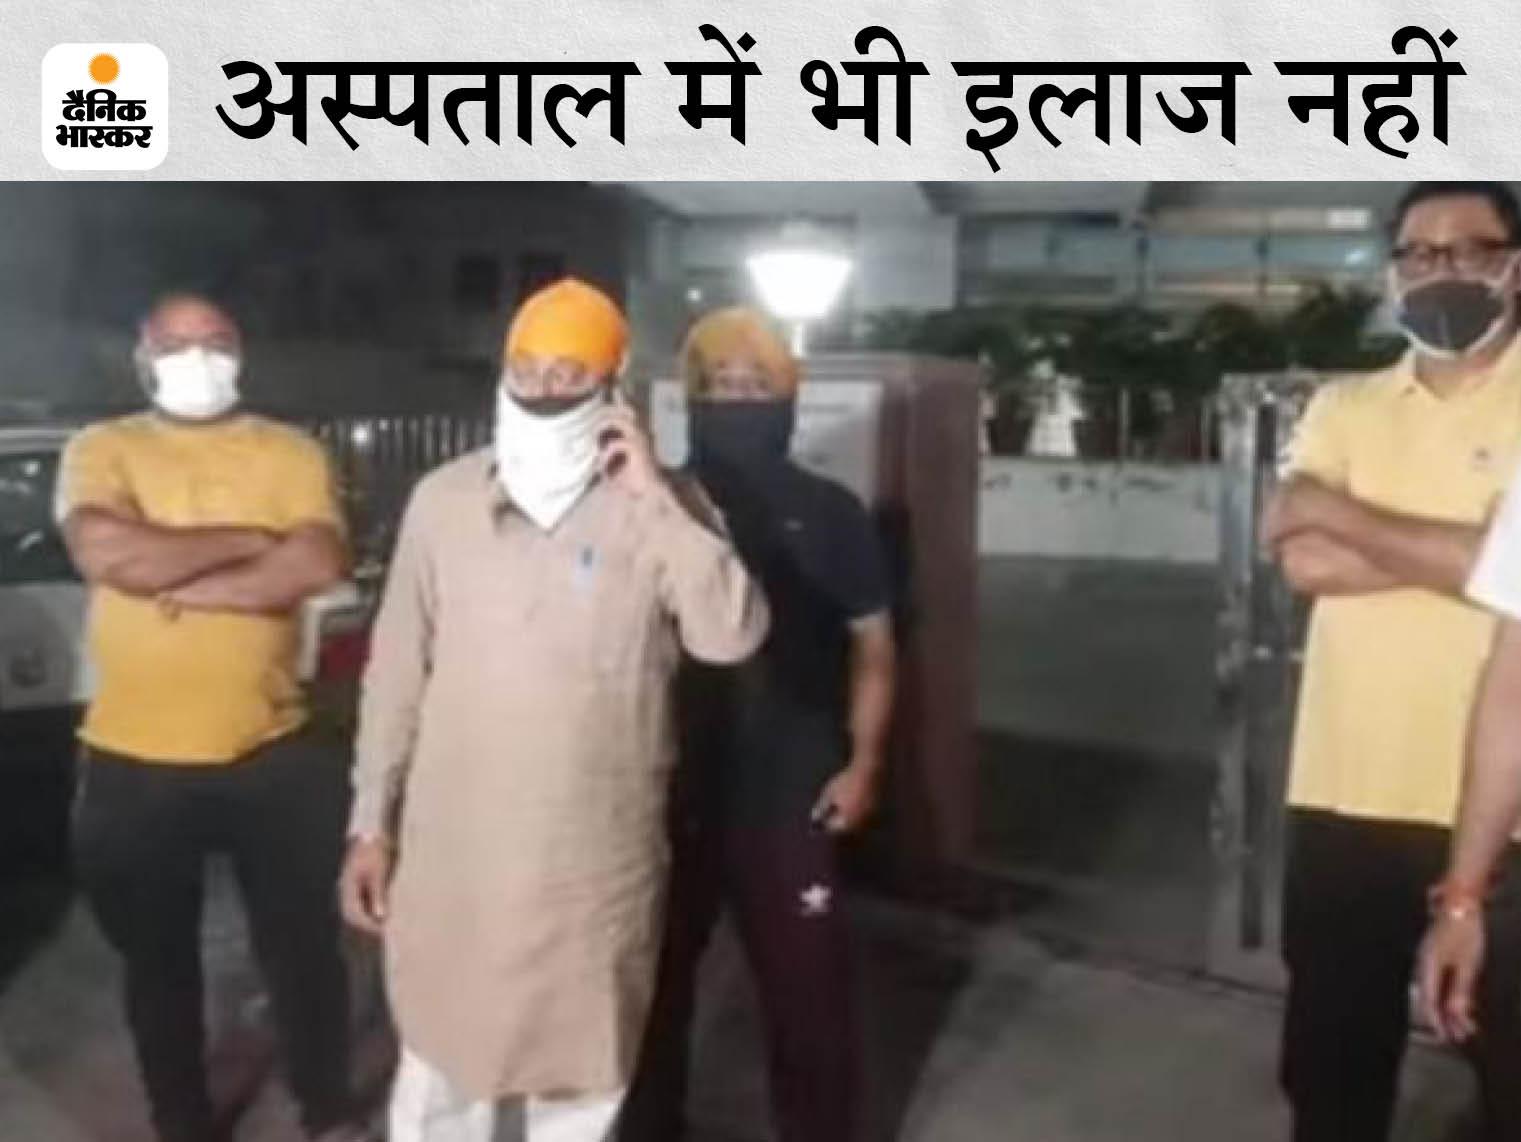 प्राइवेट अस्पताल ने कहा- ऑक्सीजन खत्म होने वाली है, सिलेंडर लेकर आओ या फिर मरीज कहीं और ले जाओ|जालंधर,Jalandhar - Dainik Bhaskar